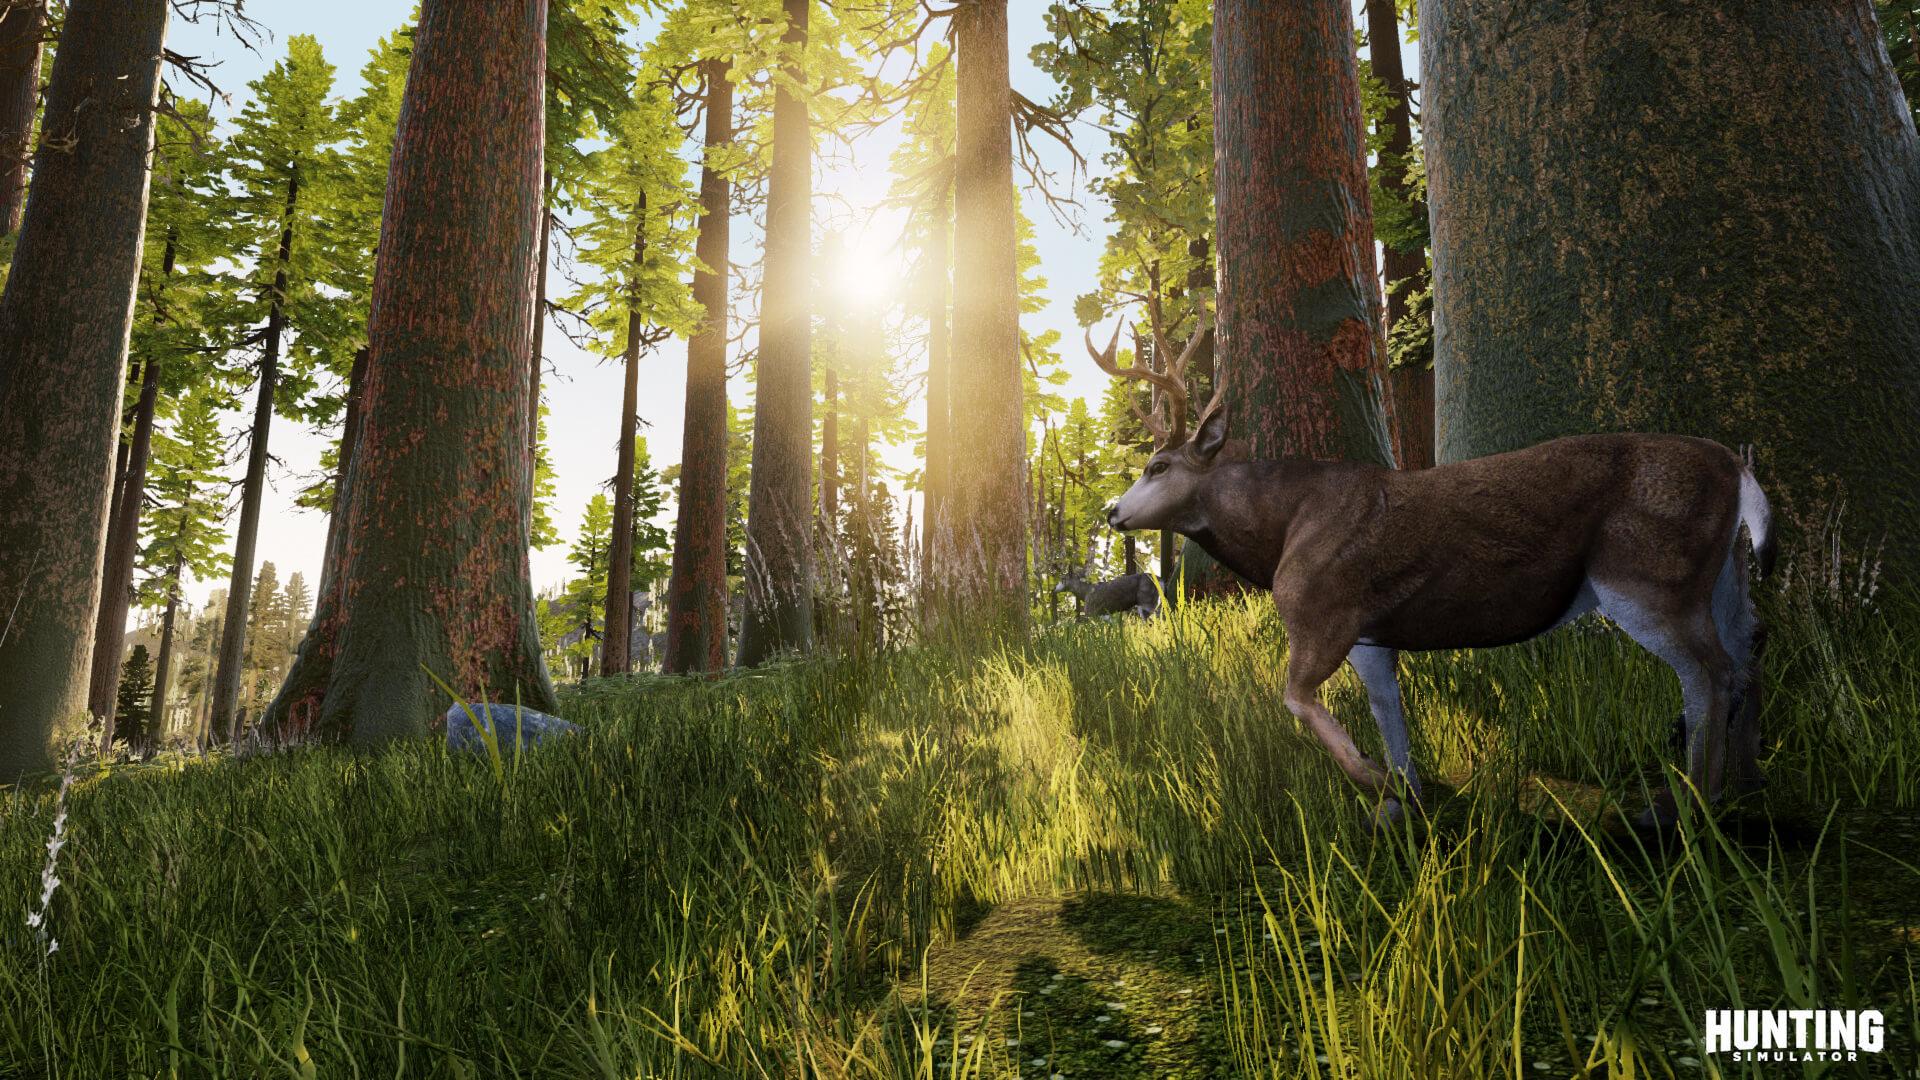 Hunting Simulator traz muita diversidade com dezenas de animais, armas, ambientes e centenas de missões no modo Campanha.